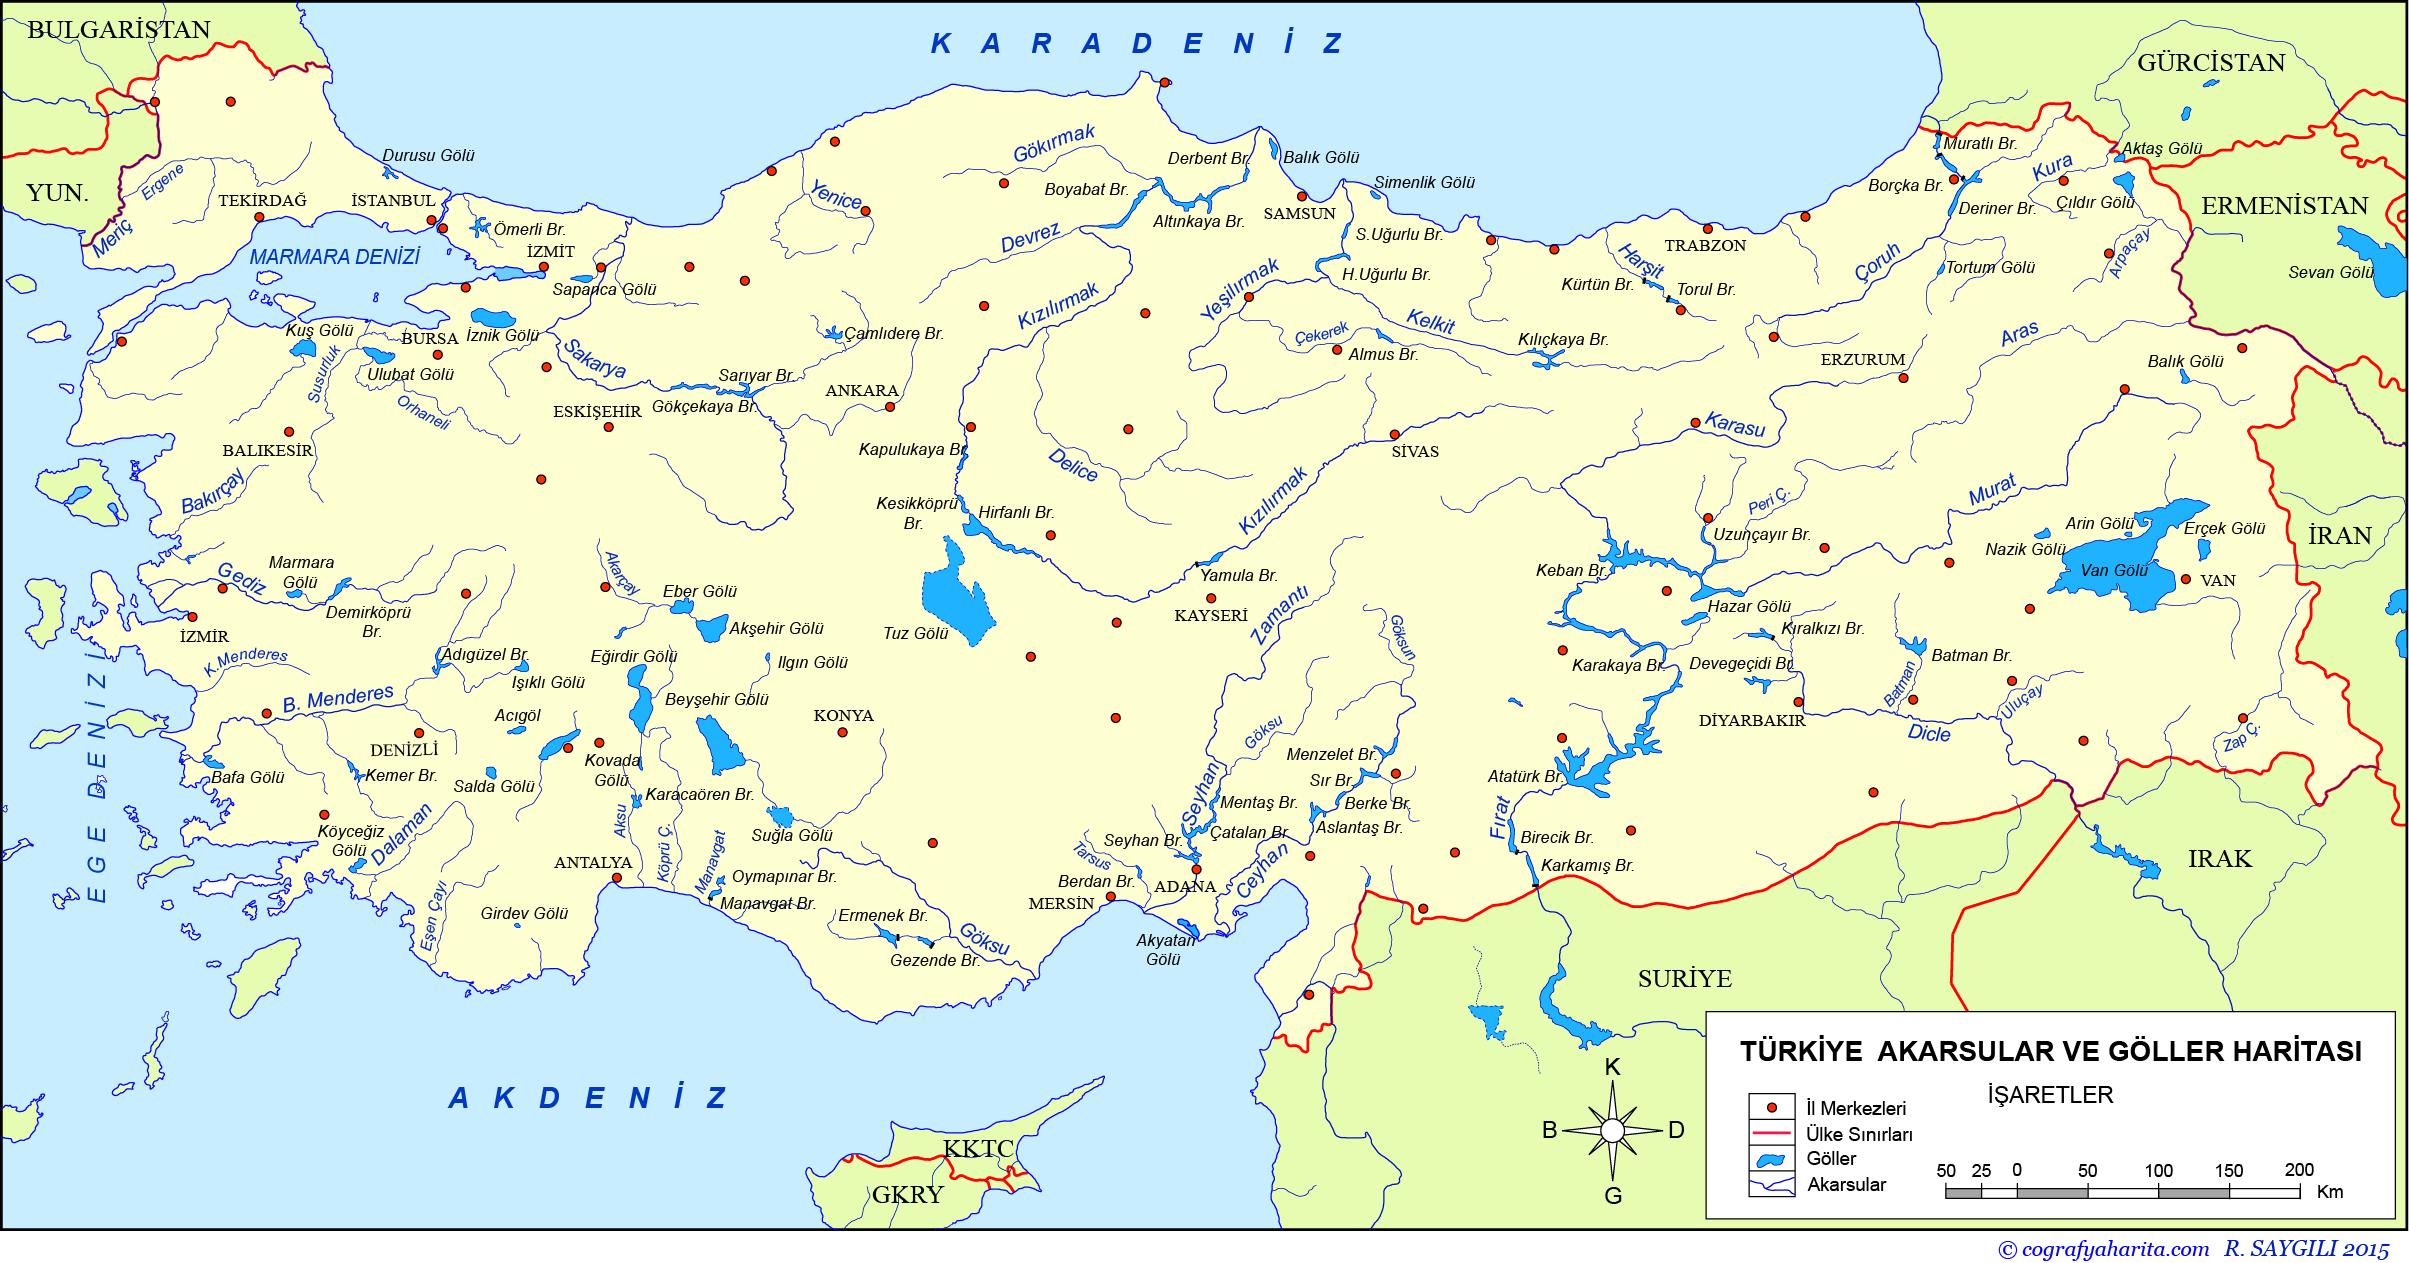 Türkiye Akarsular ve Göller Haritası